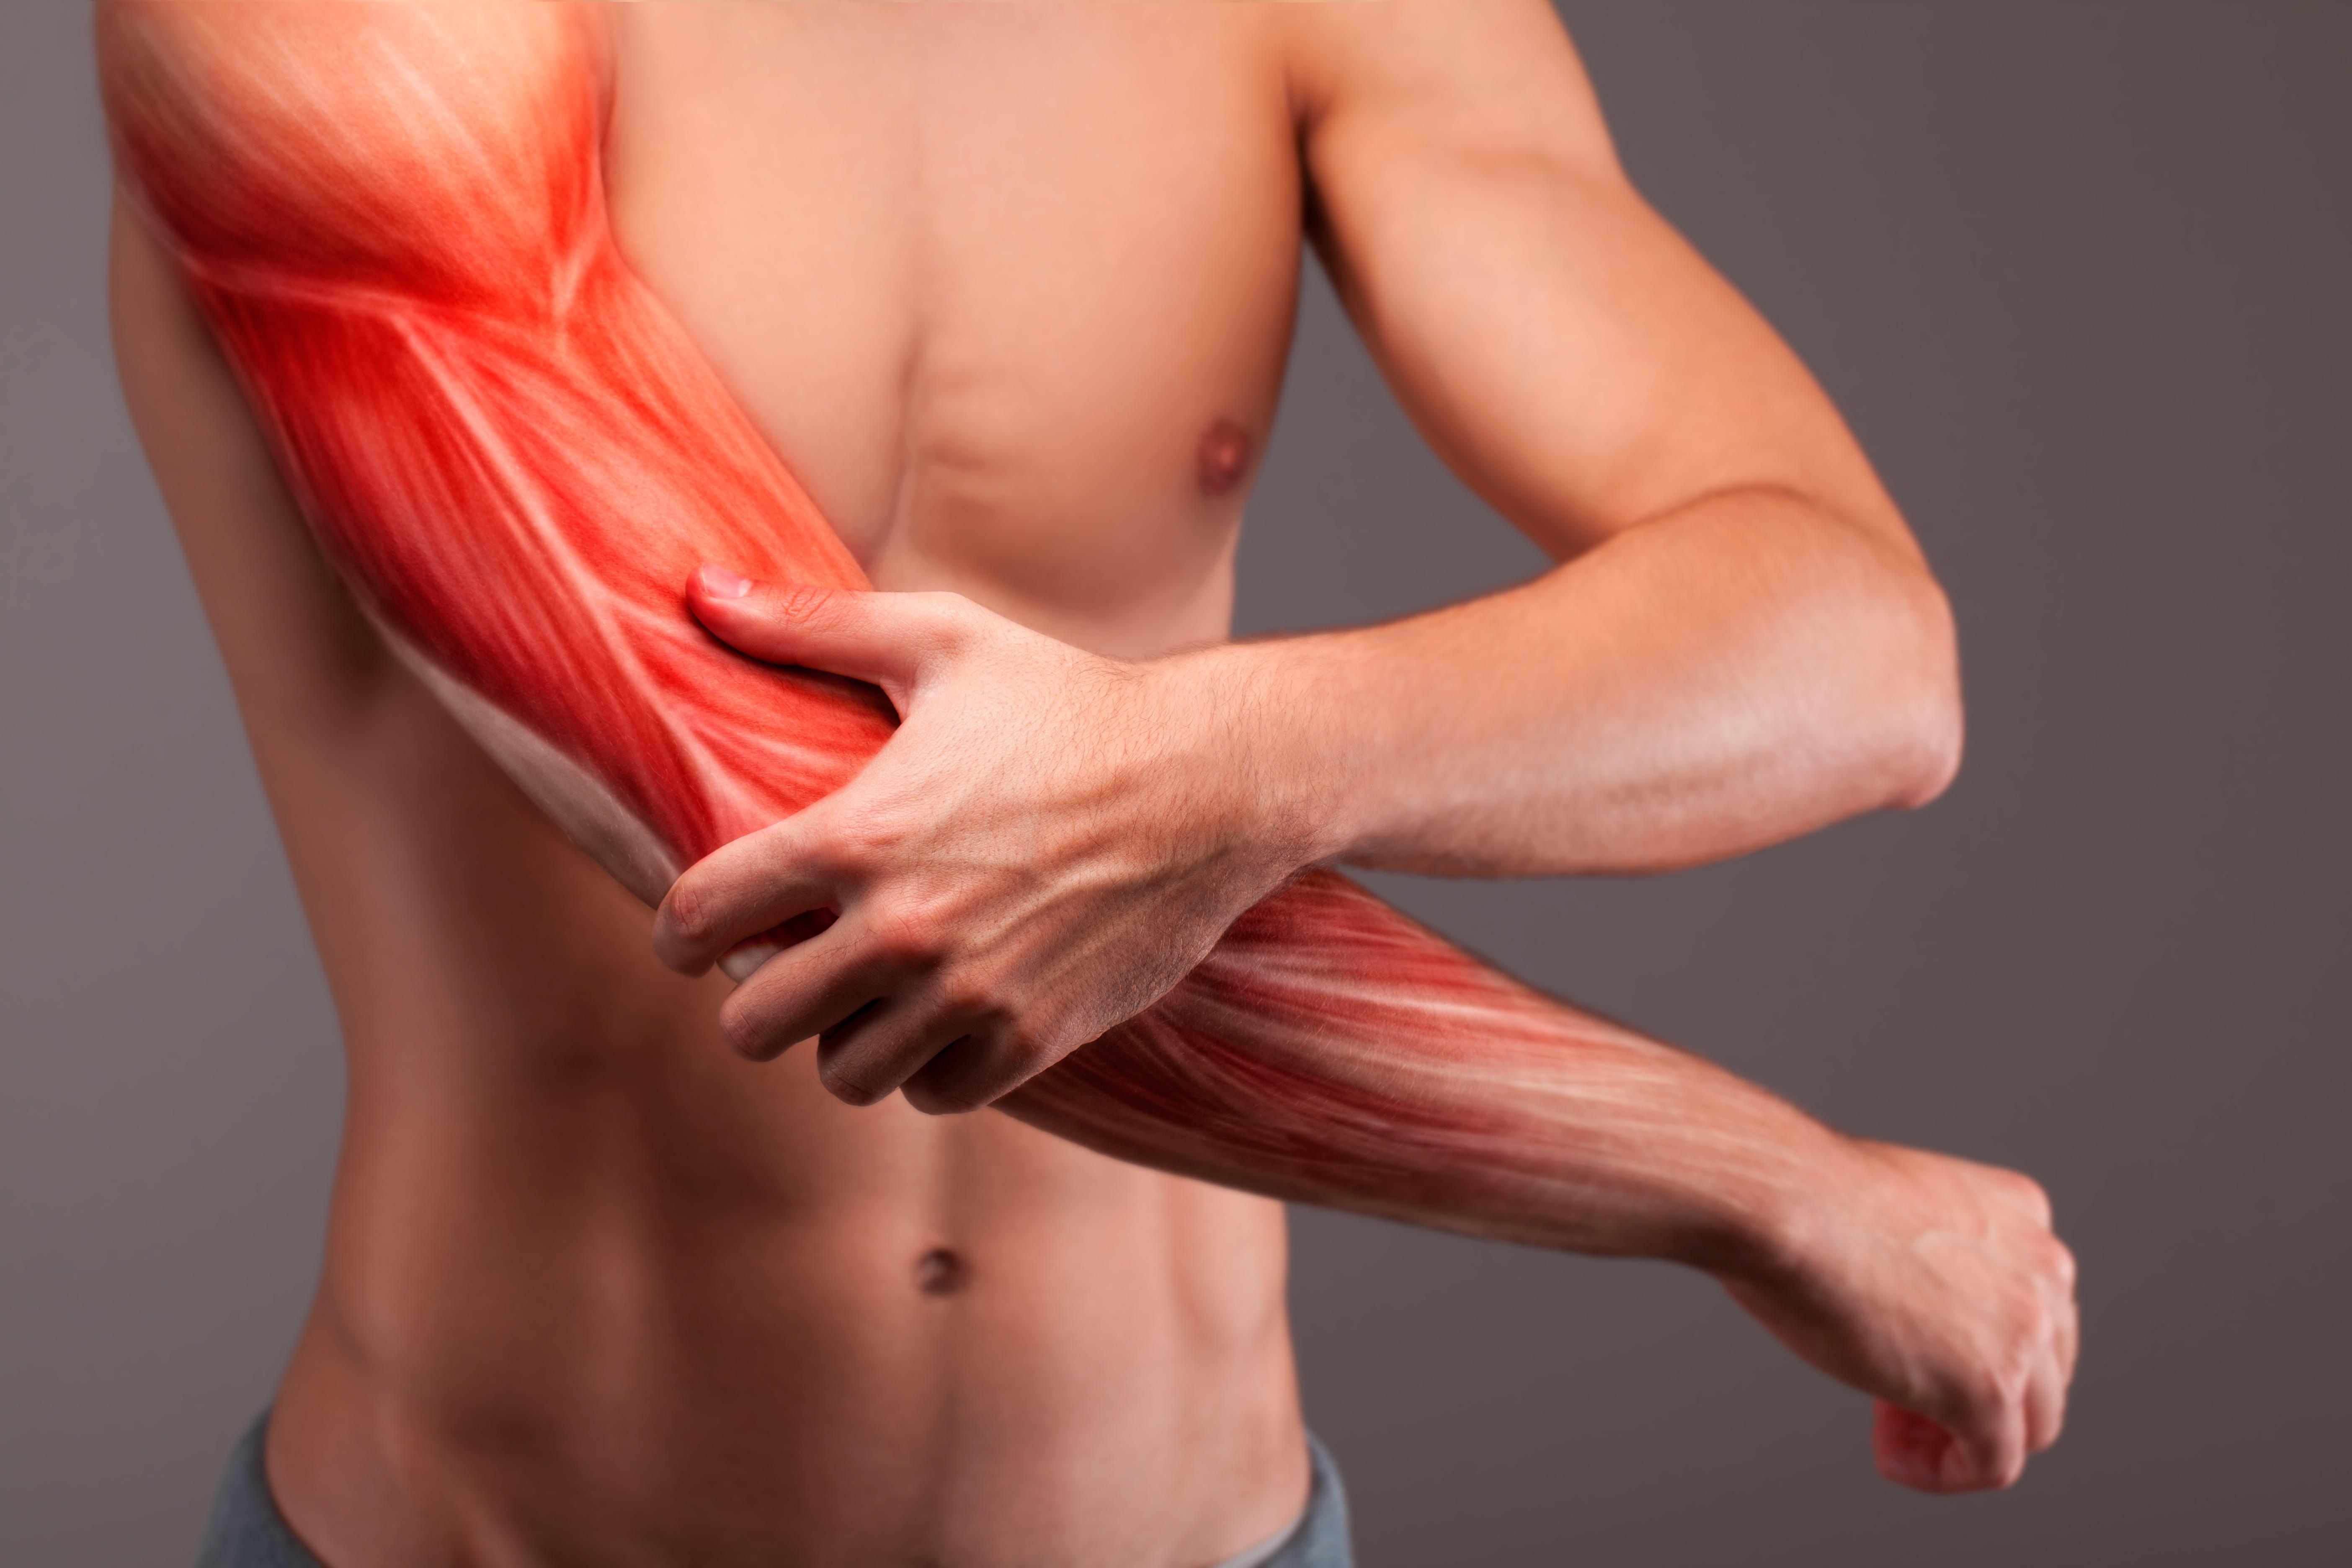 En muskelbristning orsakas av att muskelfibrer går av vilket skapar en blödning i muskelvävnaden.